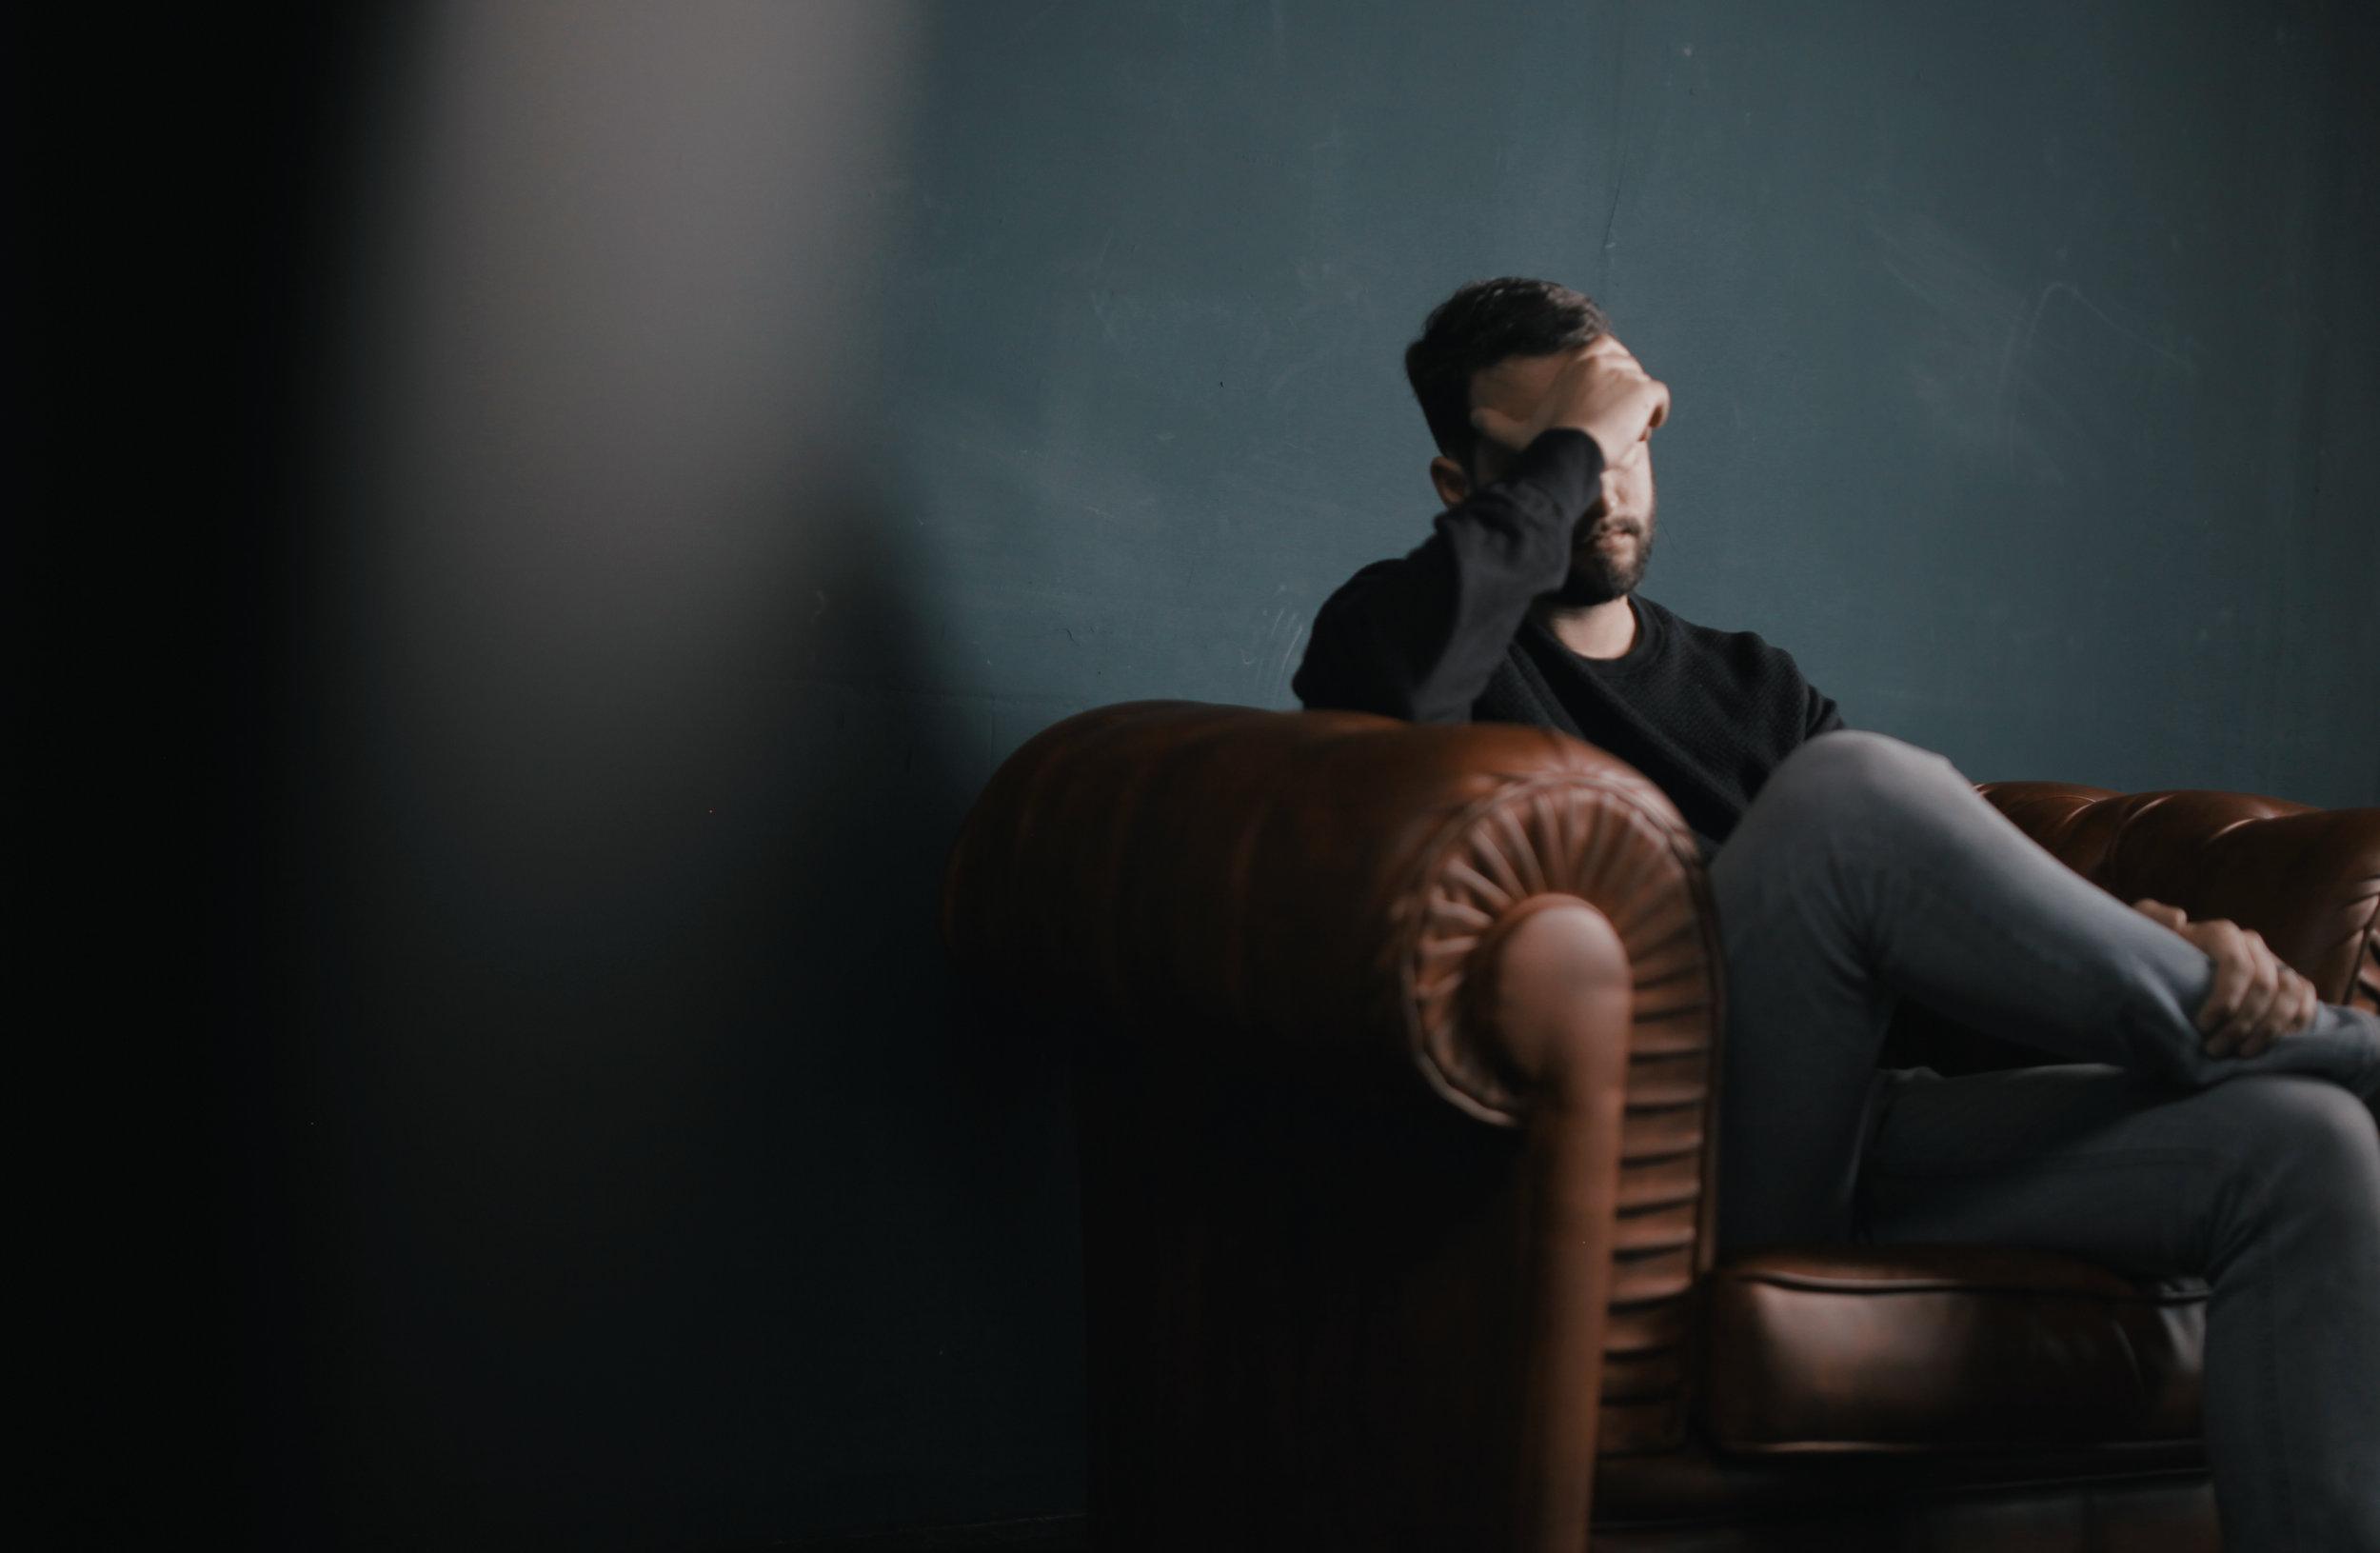 - Heb jij ook wel eens last van stress?Kom je steeds dezelfde moeilijkheden tegen?Heb je problemen met vrienden, familie of op het werk?Slaap je slecht?Ben je vaak angstig en onzeker?Het lukt je niet om waar te maken wat je werkelijk wil?Ben je vaak gespannen en prikkelbaar?Heb je last van depressieve gevoelens?Heb je het gevoel er alleen voor te staan?